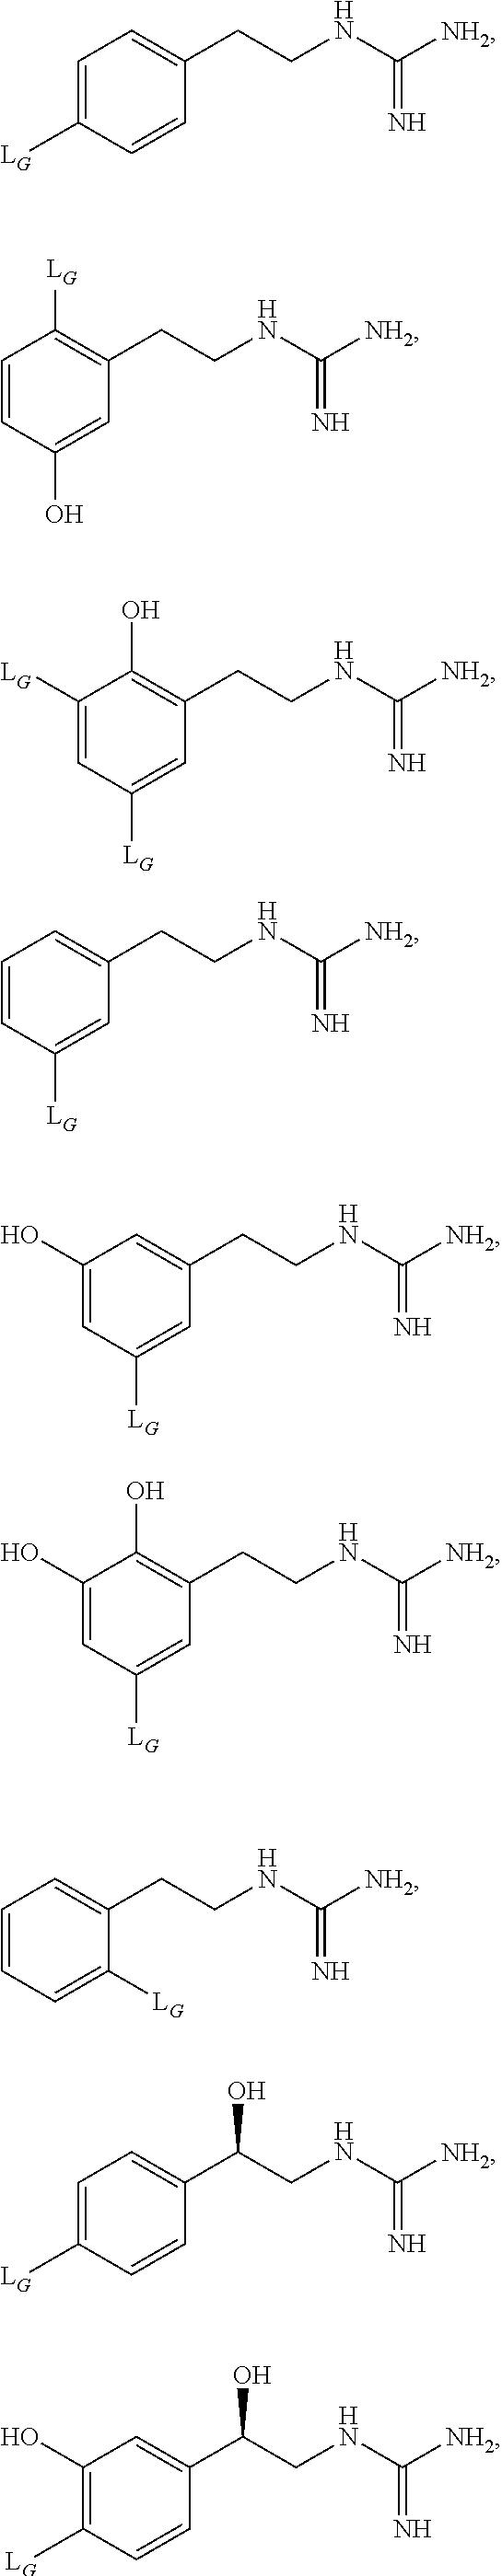 Figure US09550000-20170124-C00300